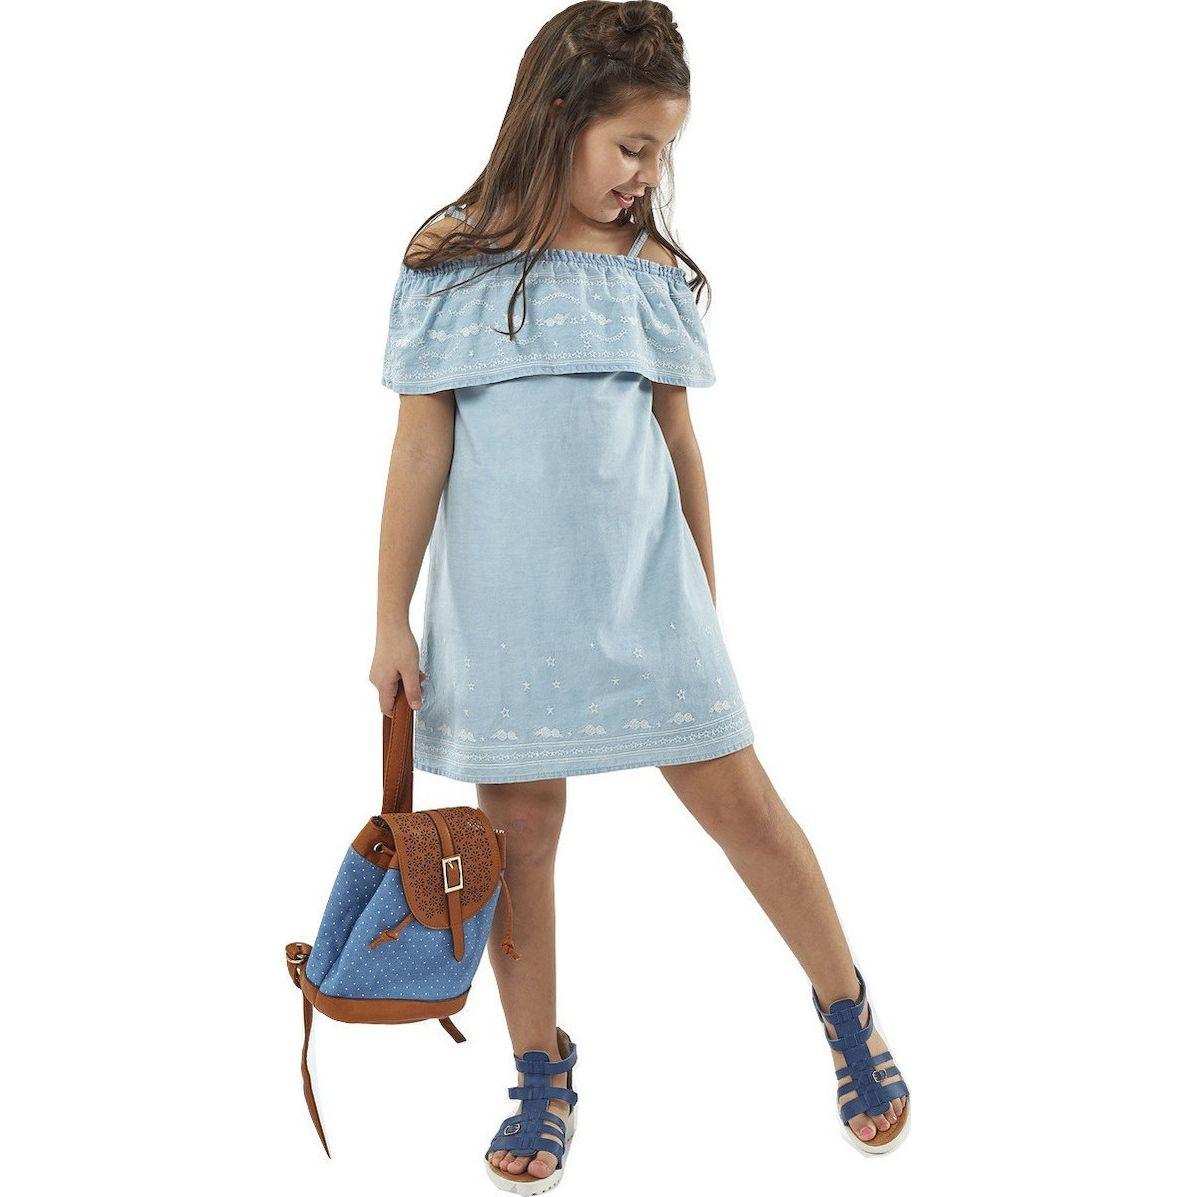 8424c0751b06 Παιδικό    Παιδικό Φόρεμα    ΦΟΡΕΜΑ ΤΖΗΝ-EVITA 198057